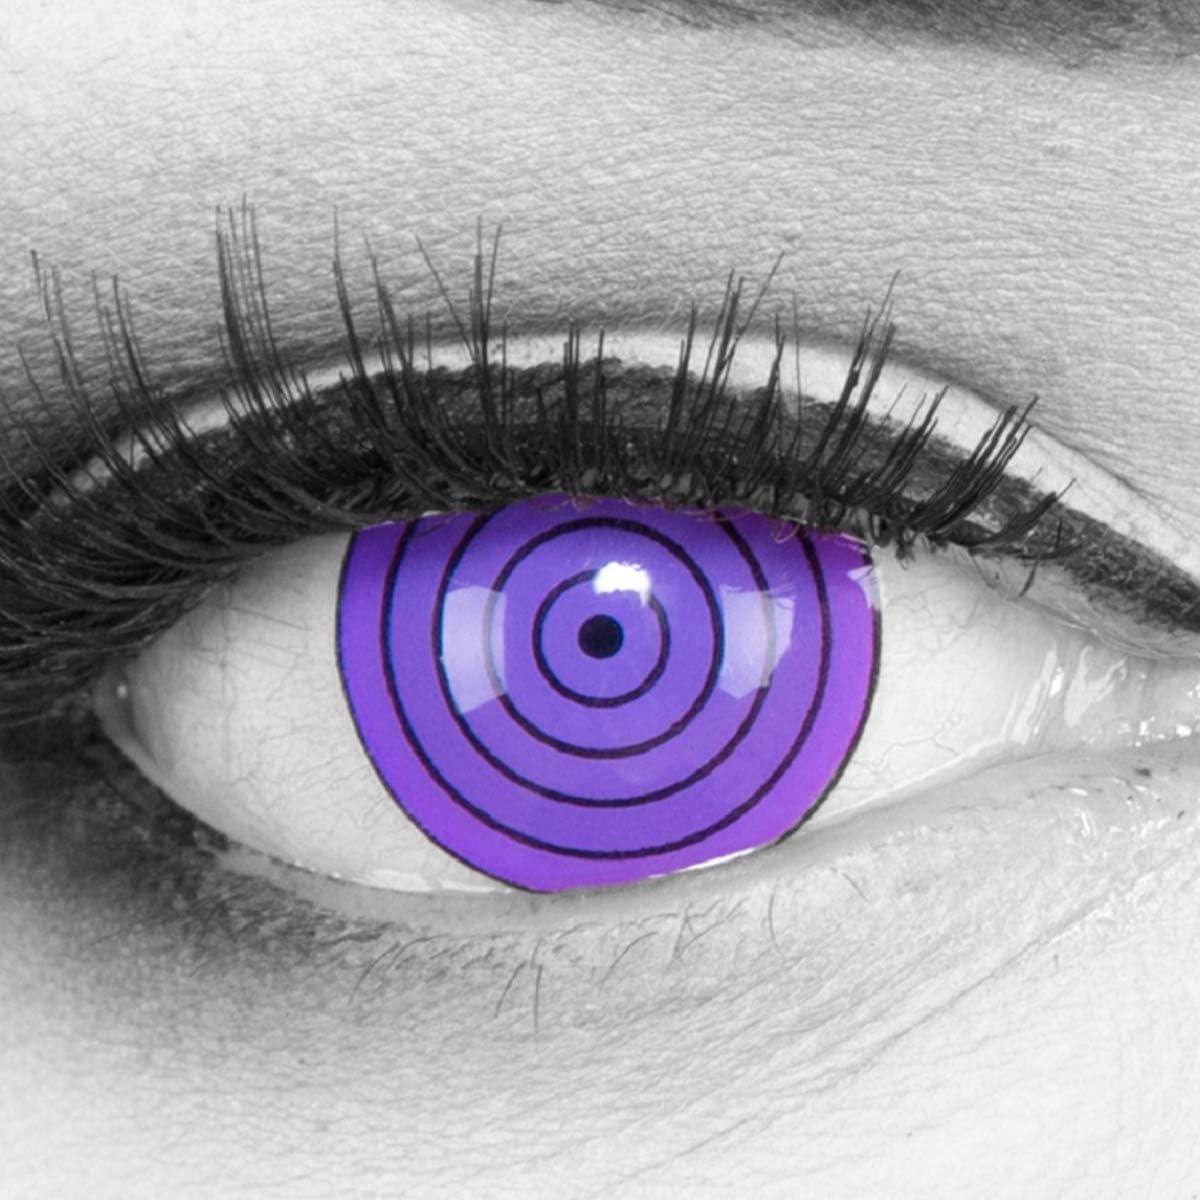 Lentillas de color violeta Violet Rinnegan 1 par. Cómodas y perfectas para carnaval de Halloween, cosplay de anime, blandas, sin dioptrías + recipiente de lentillas, sin graduación